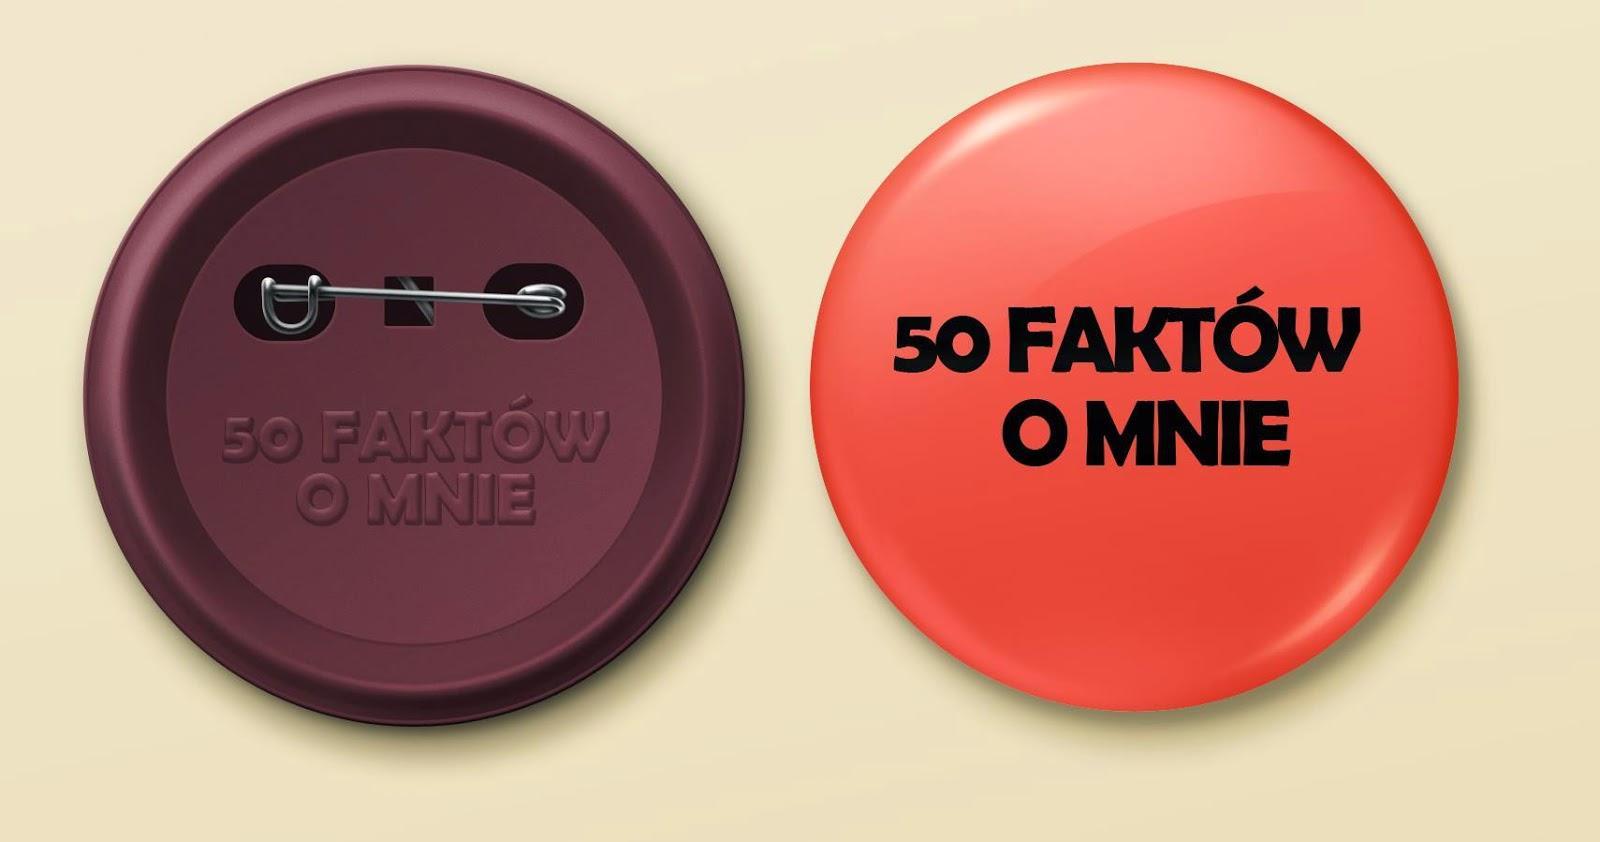 50 faktów o mnie !